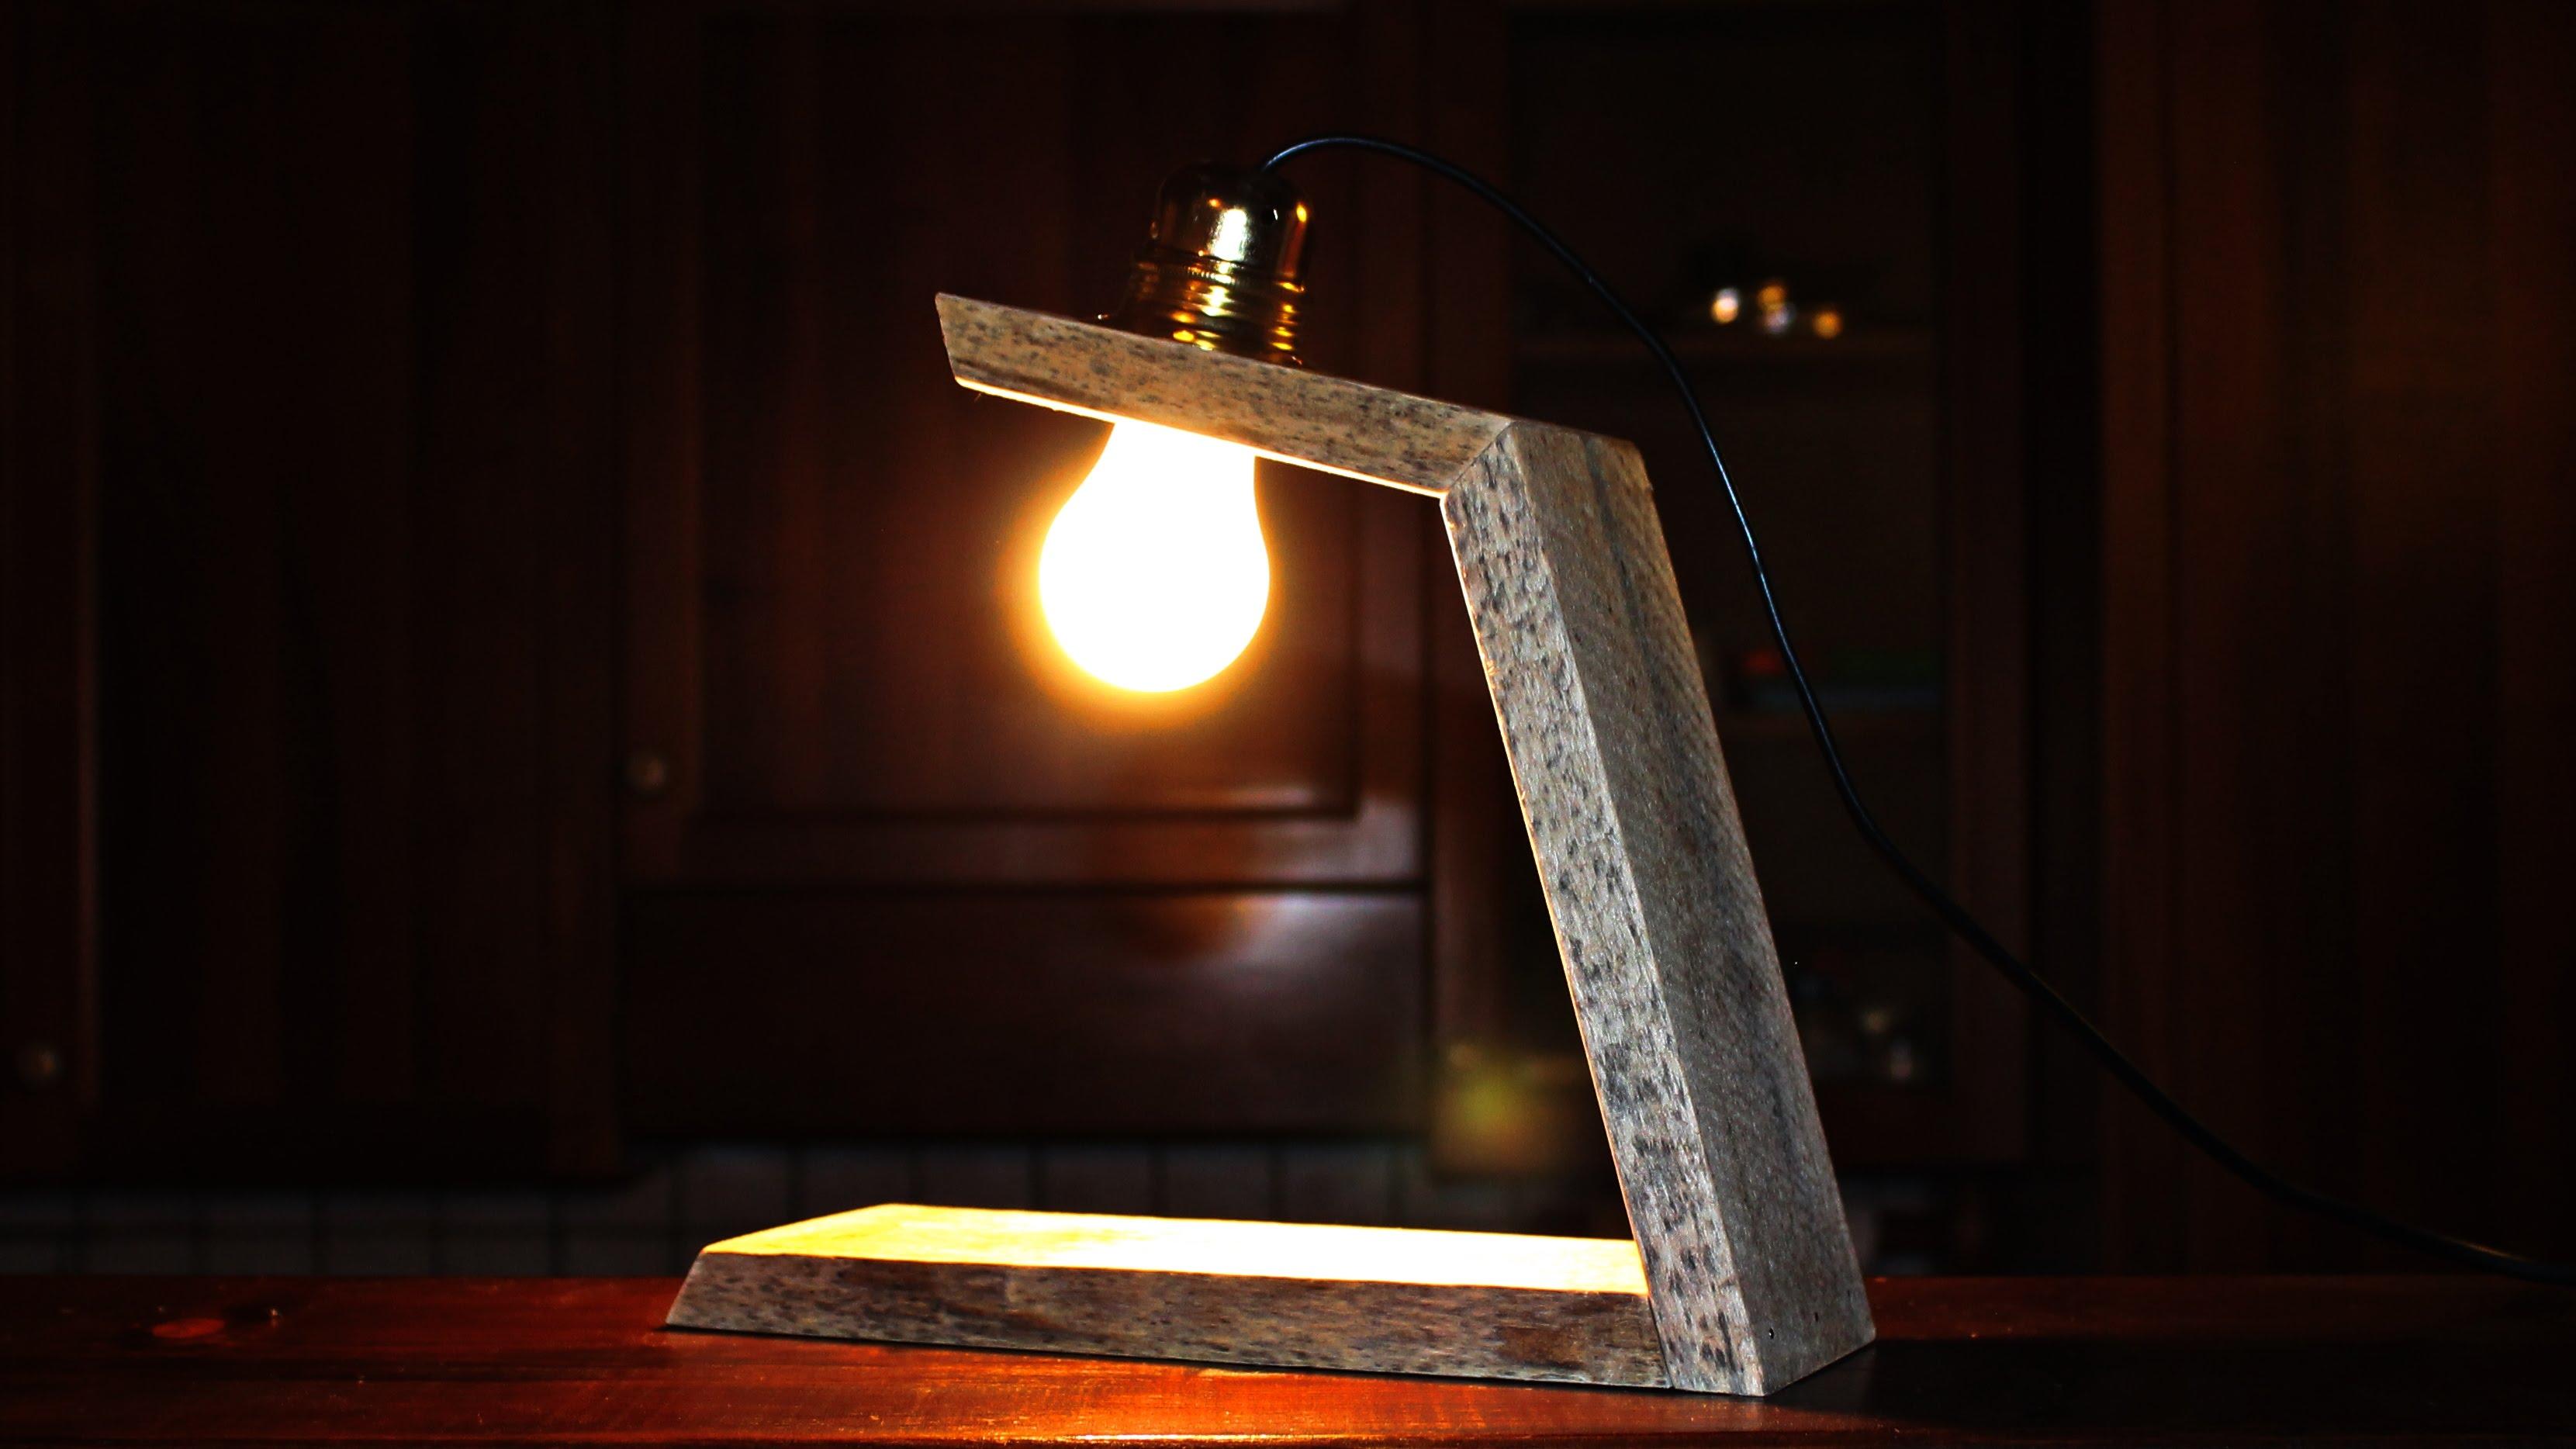 Legno Idee Fai Da Te progetti fai da te da realizzare con il legno! ecco 20 idee